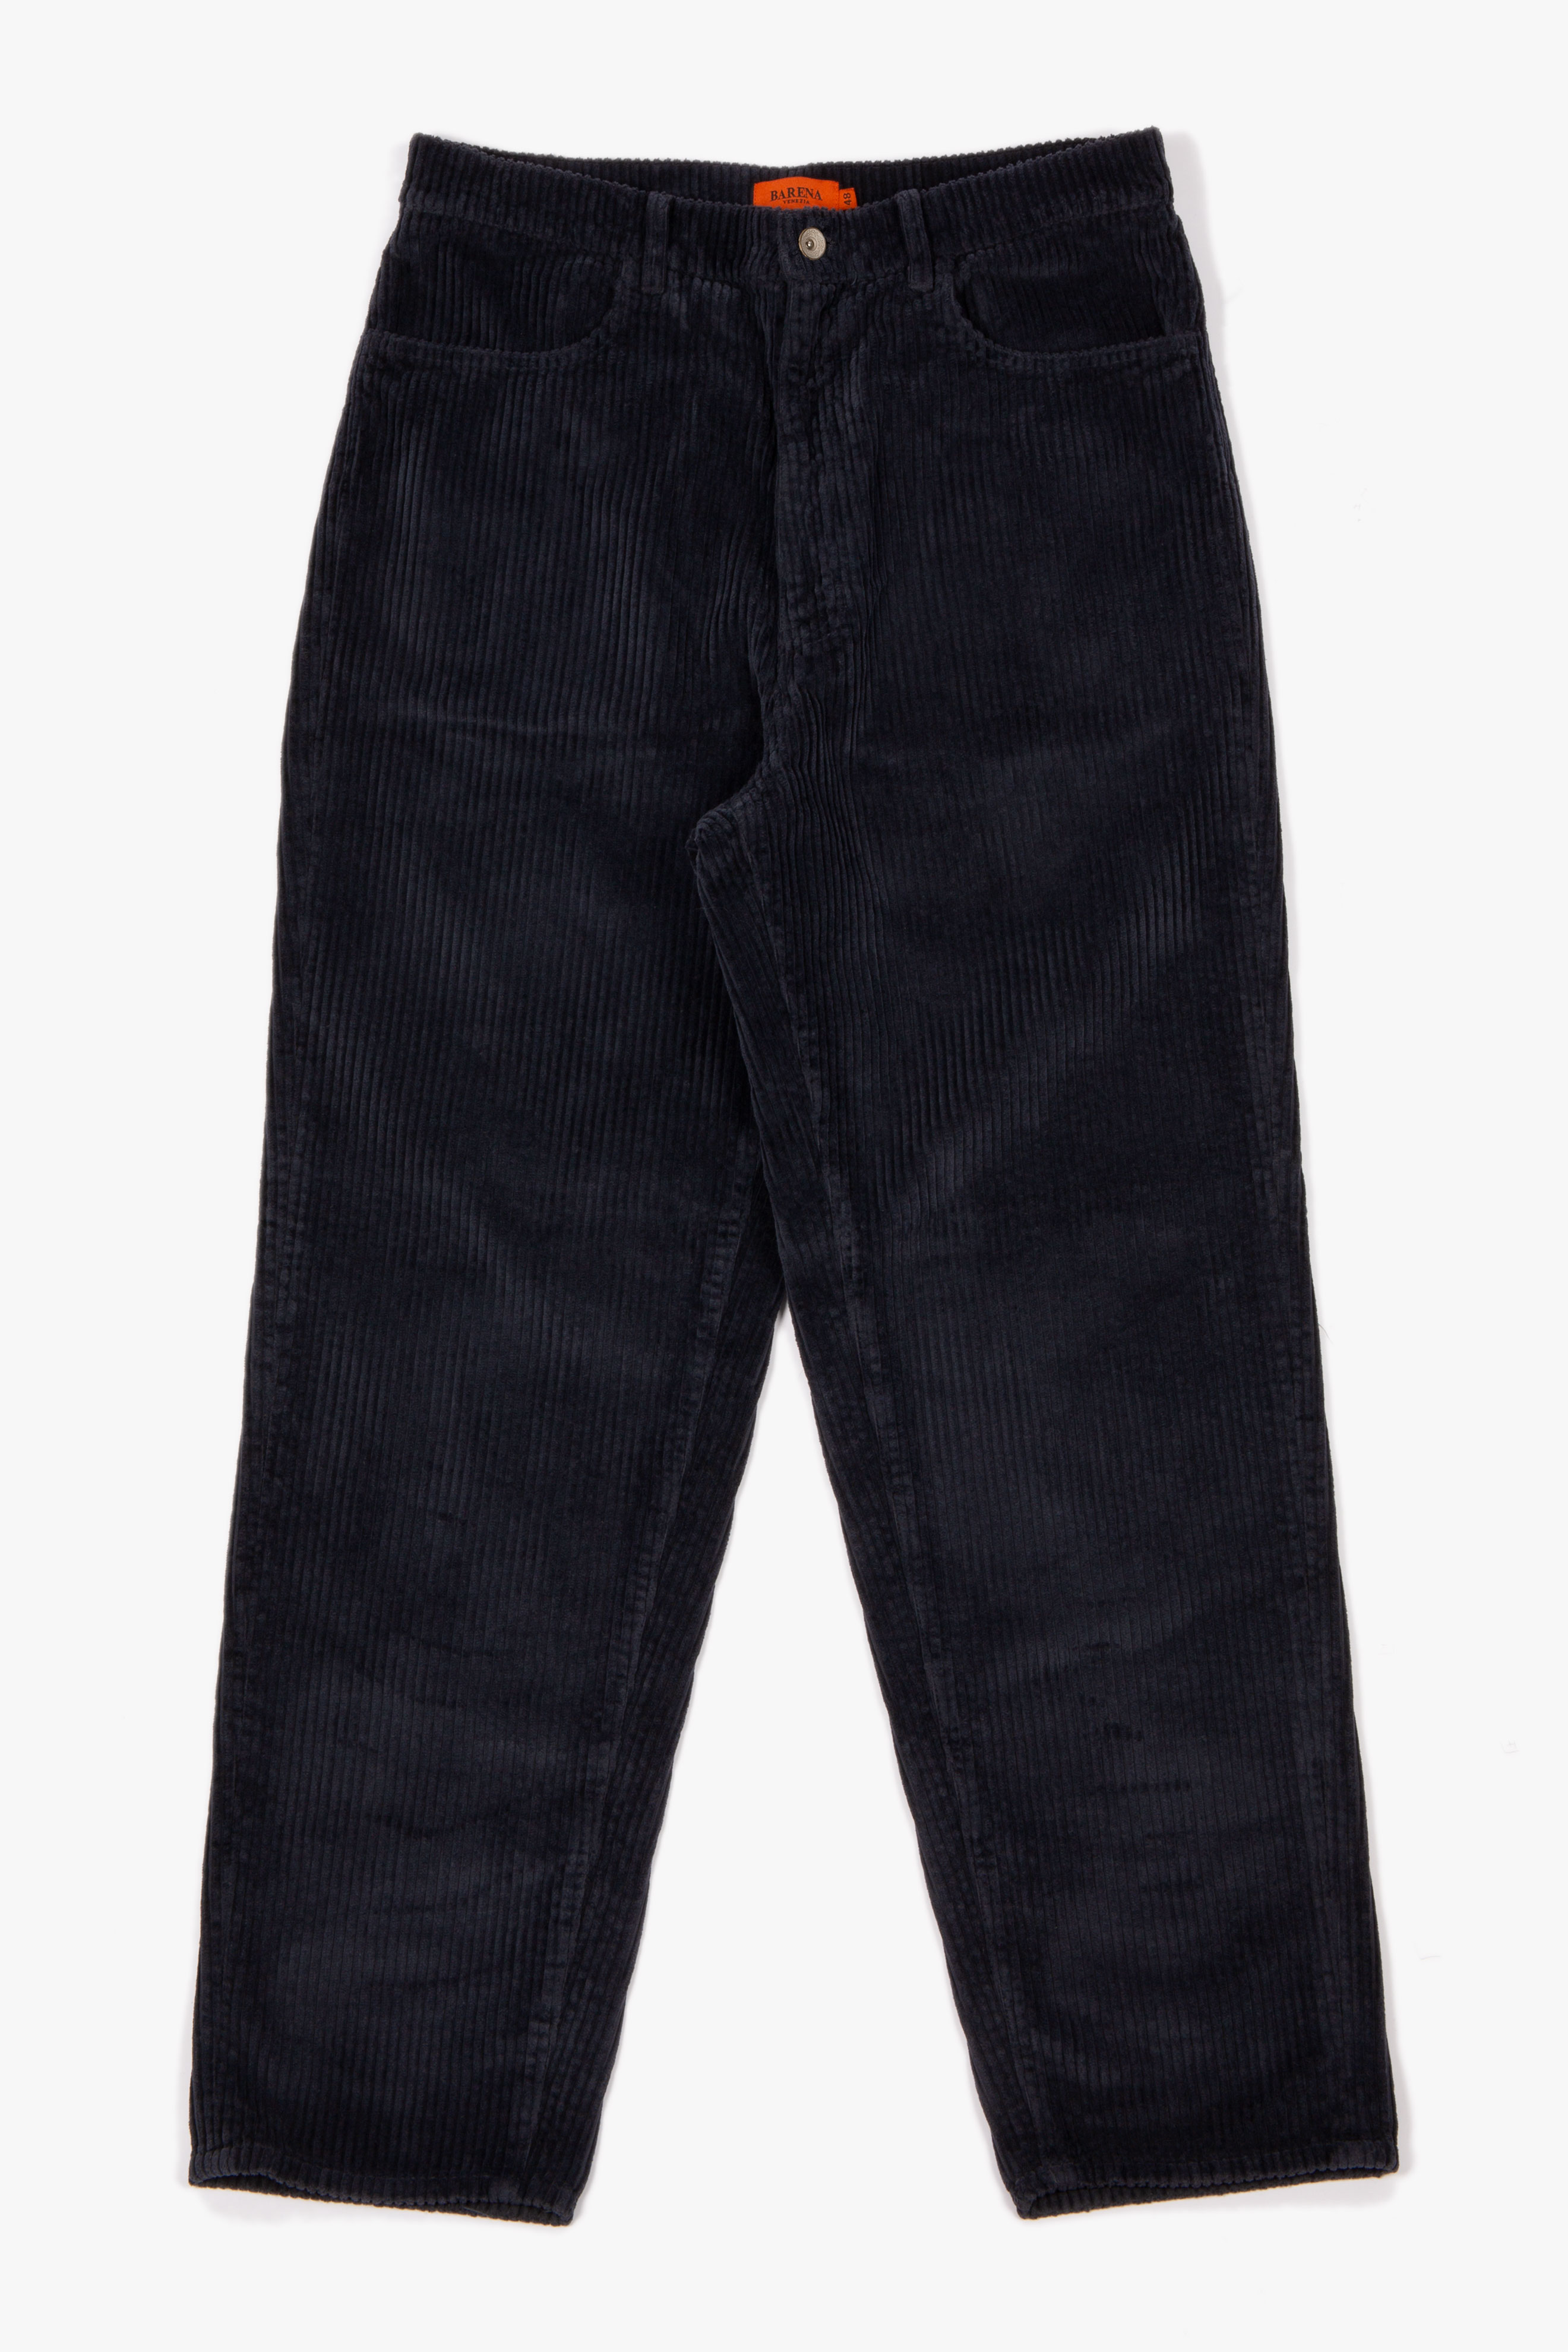 Mezorio Corduroy Trousers Navy